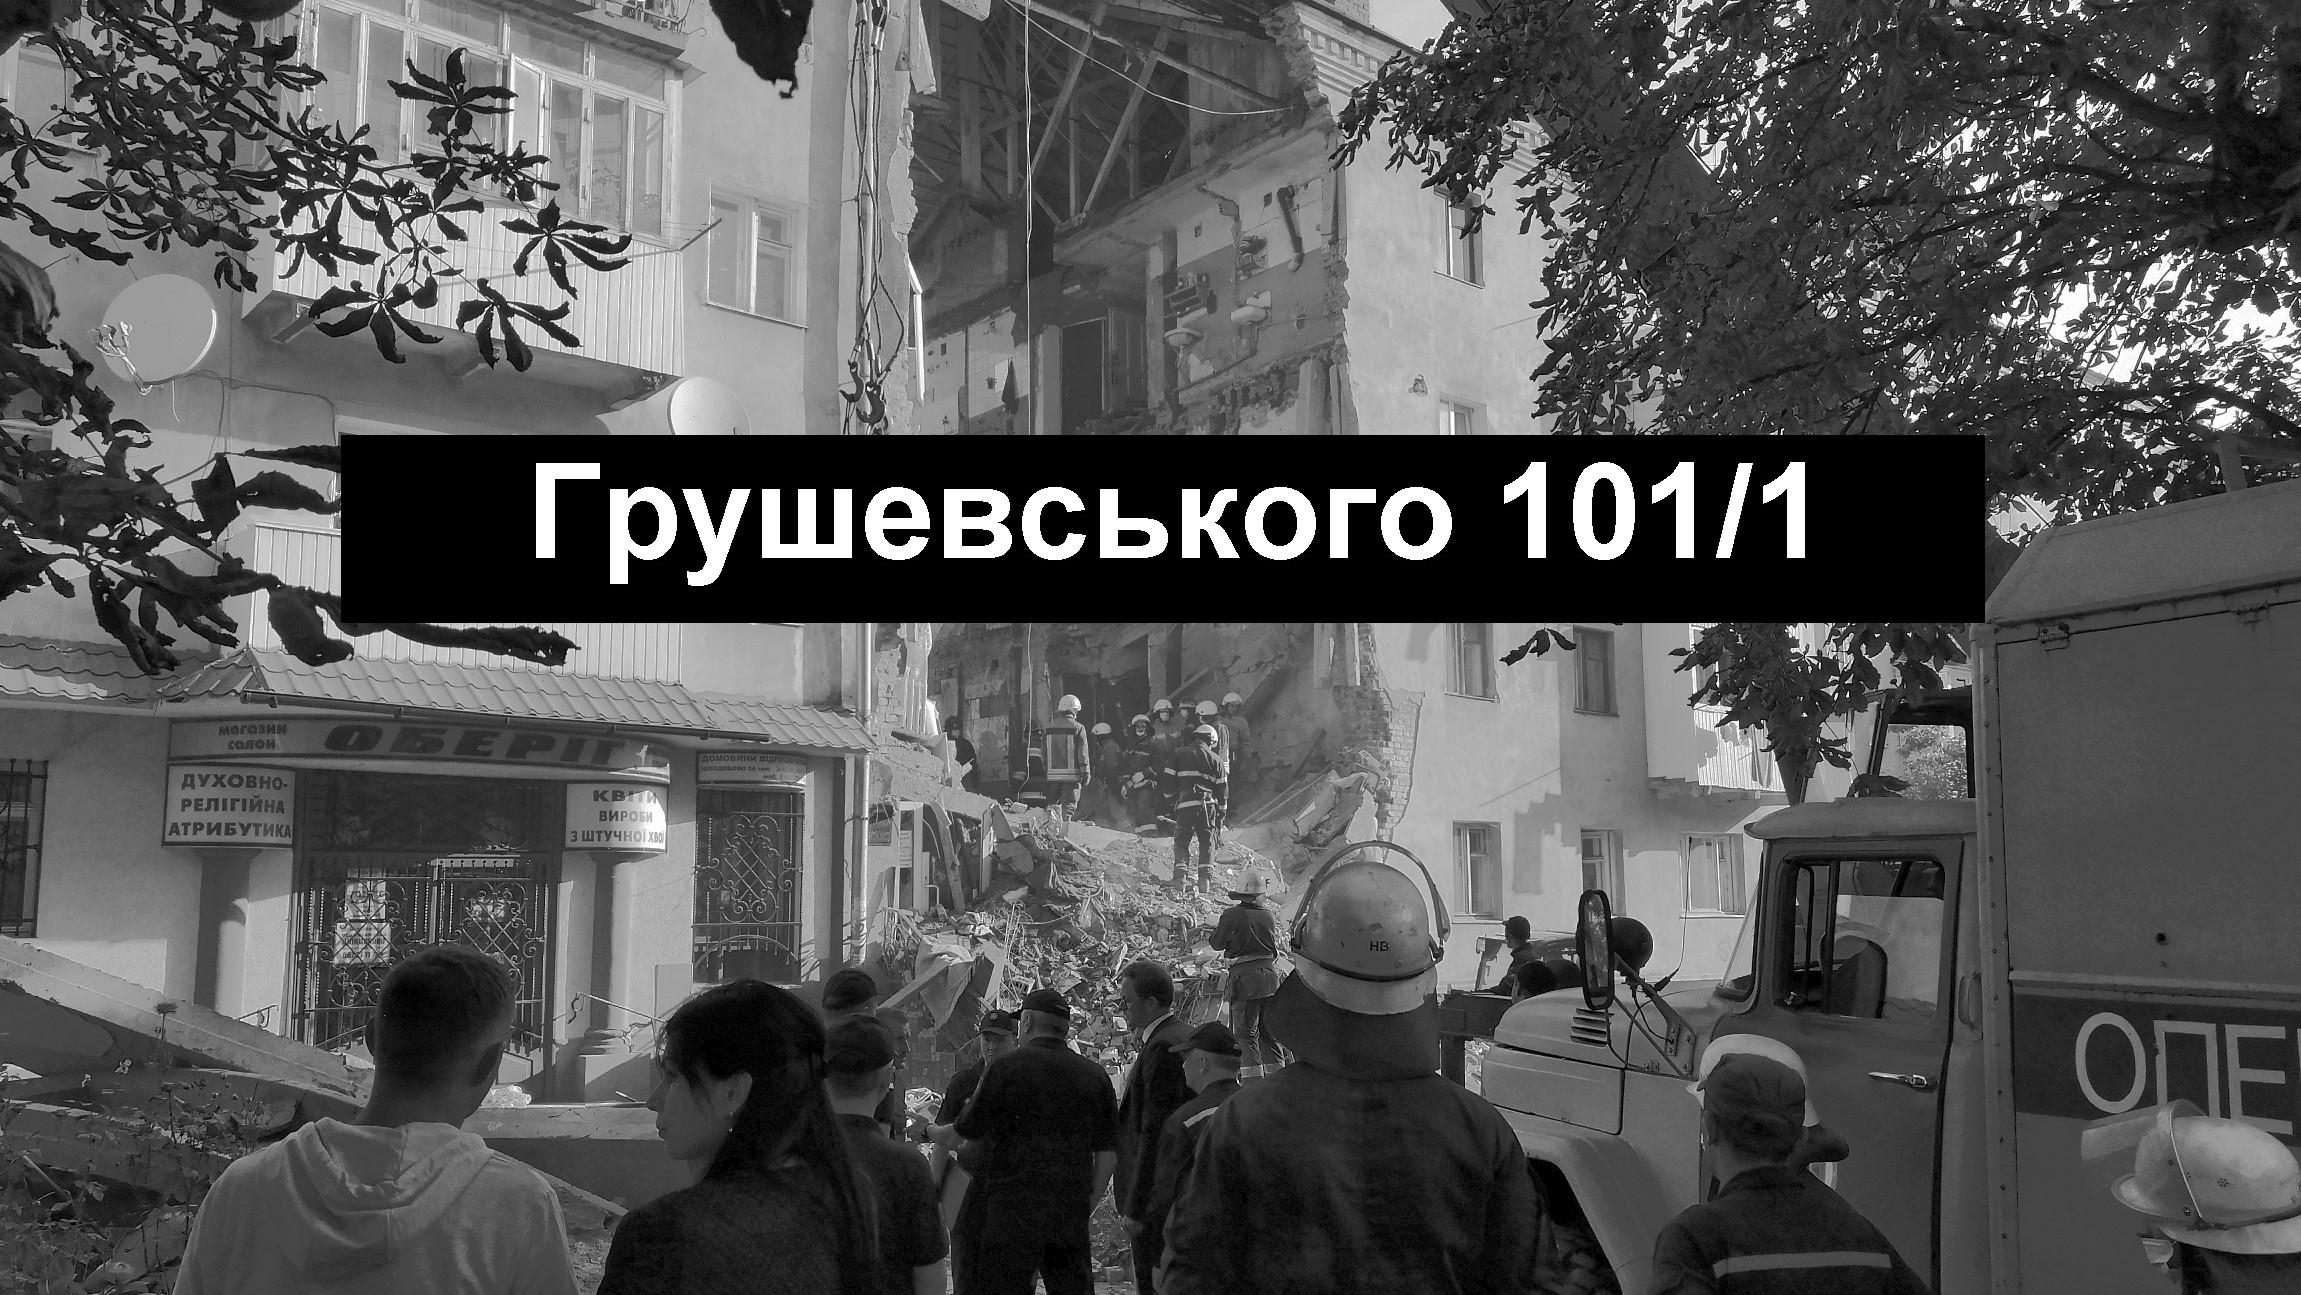 Оголошується конкурс з відбору пропозицій для придбання житла мешканцям будинку № 101/1 на вулиці М. Грушевського